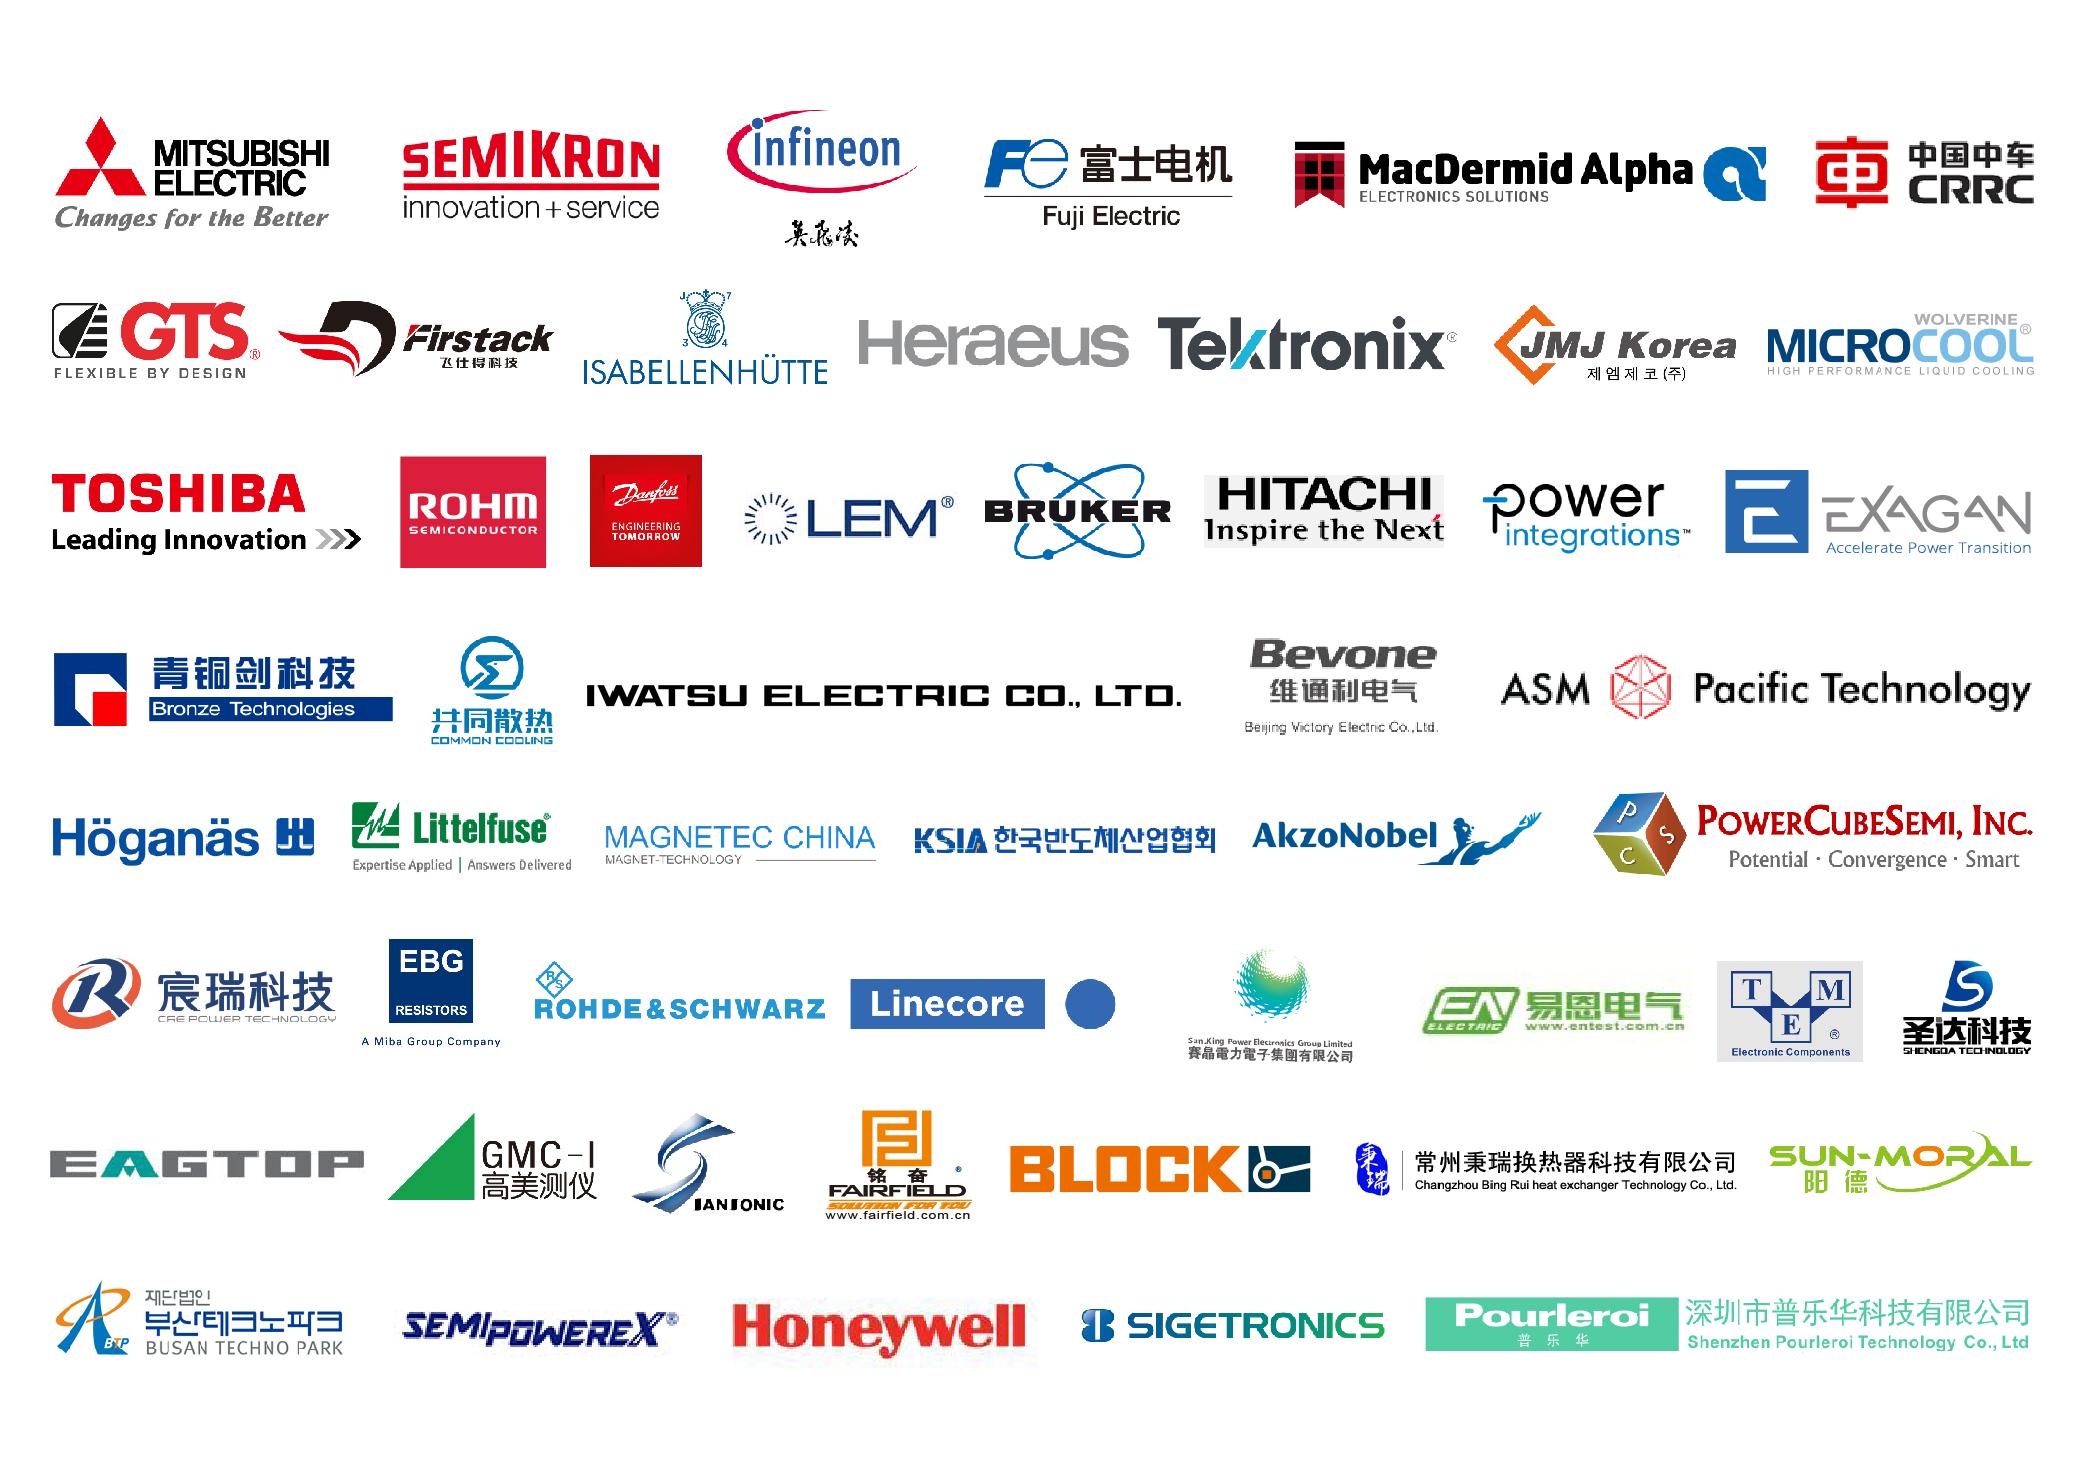 上海国际电力元件展览会,上海国际电力元件、可再生能源管理展览会